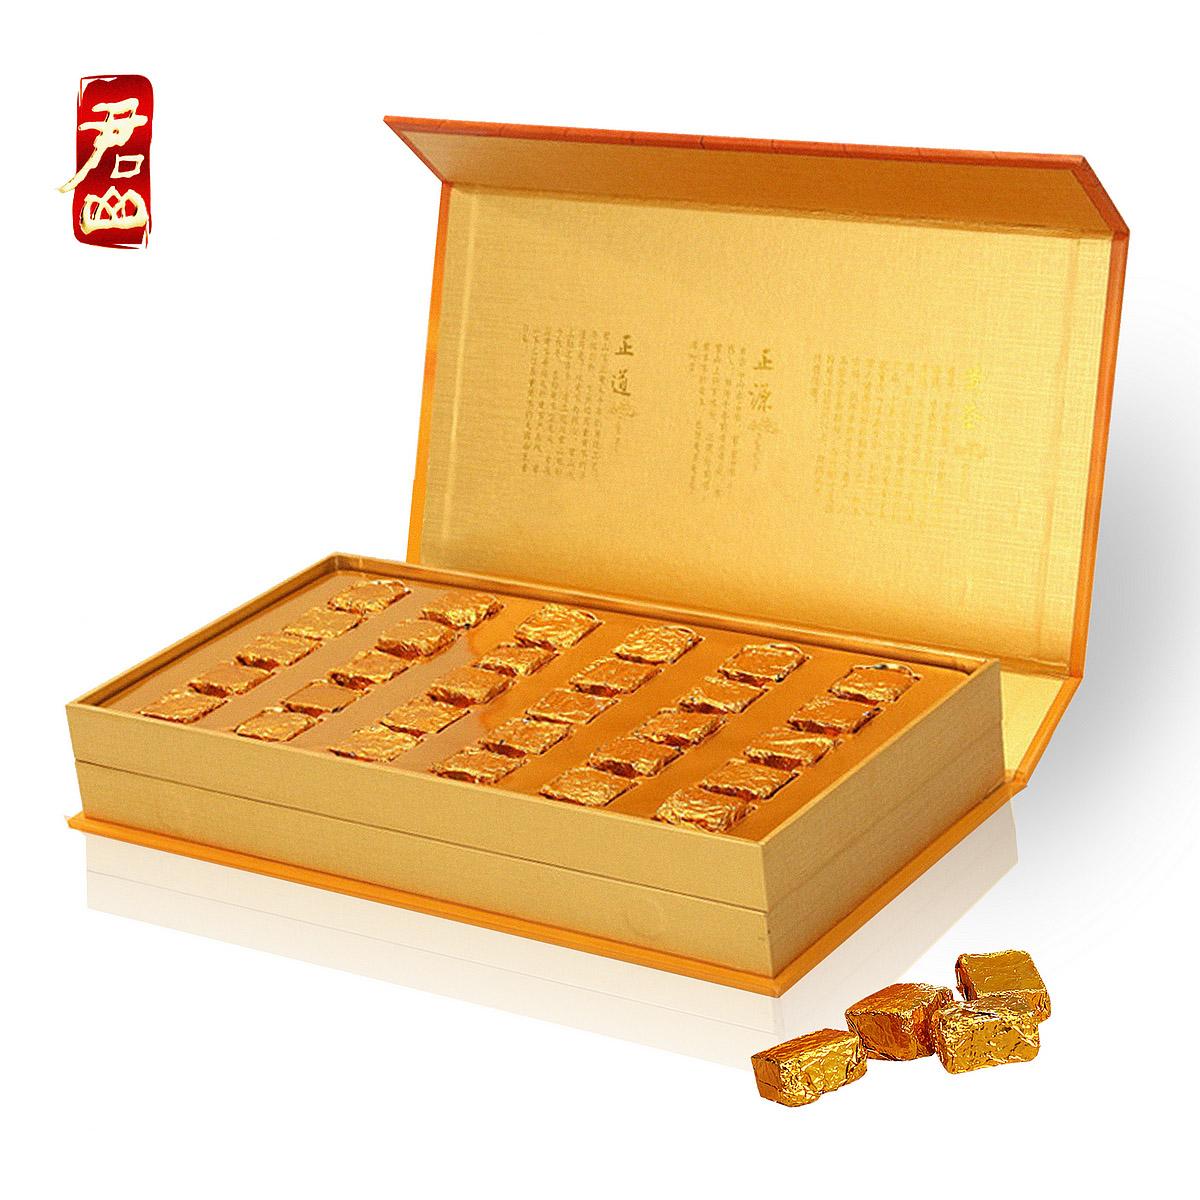 茶叶特价促销包邮 送礼盒 300g 君山正品黄茶迷你小金砖